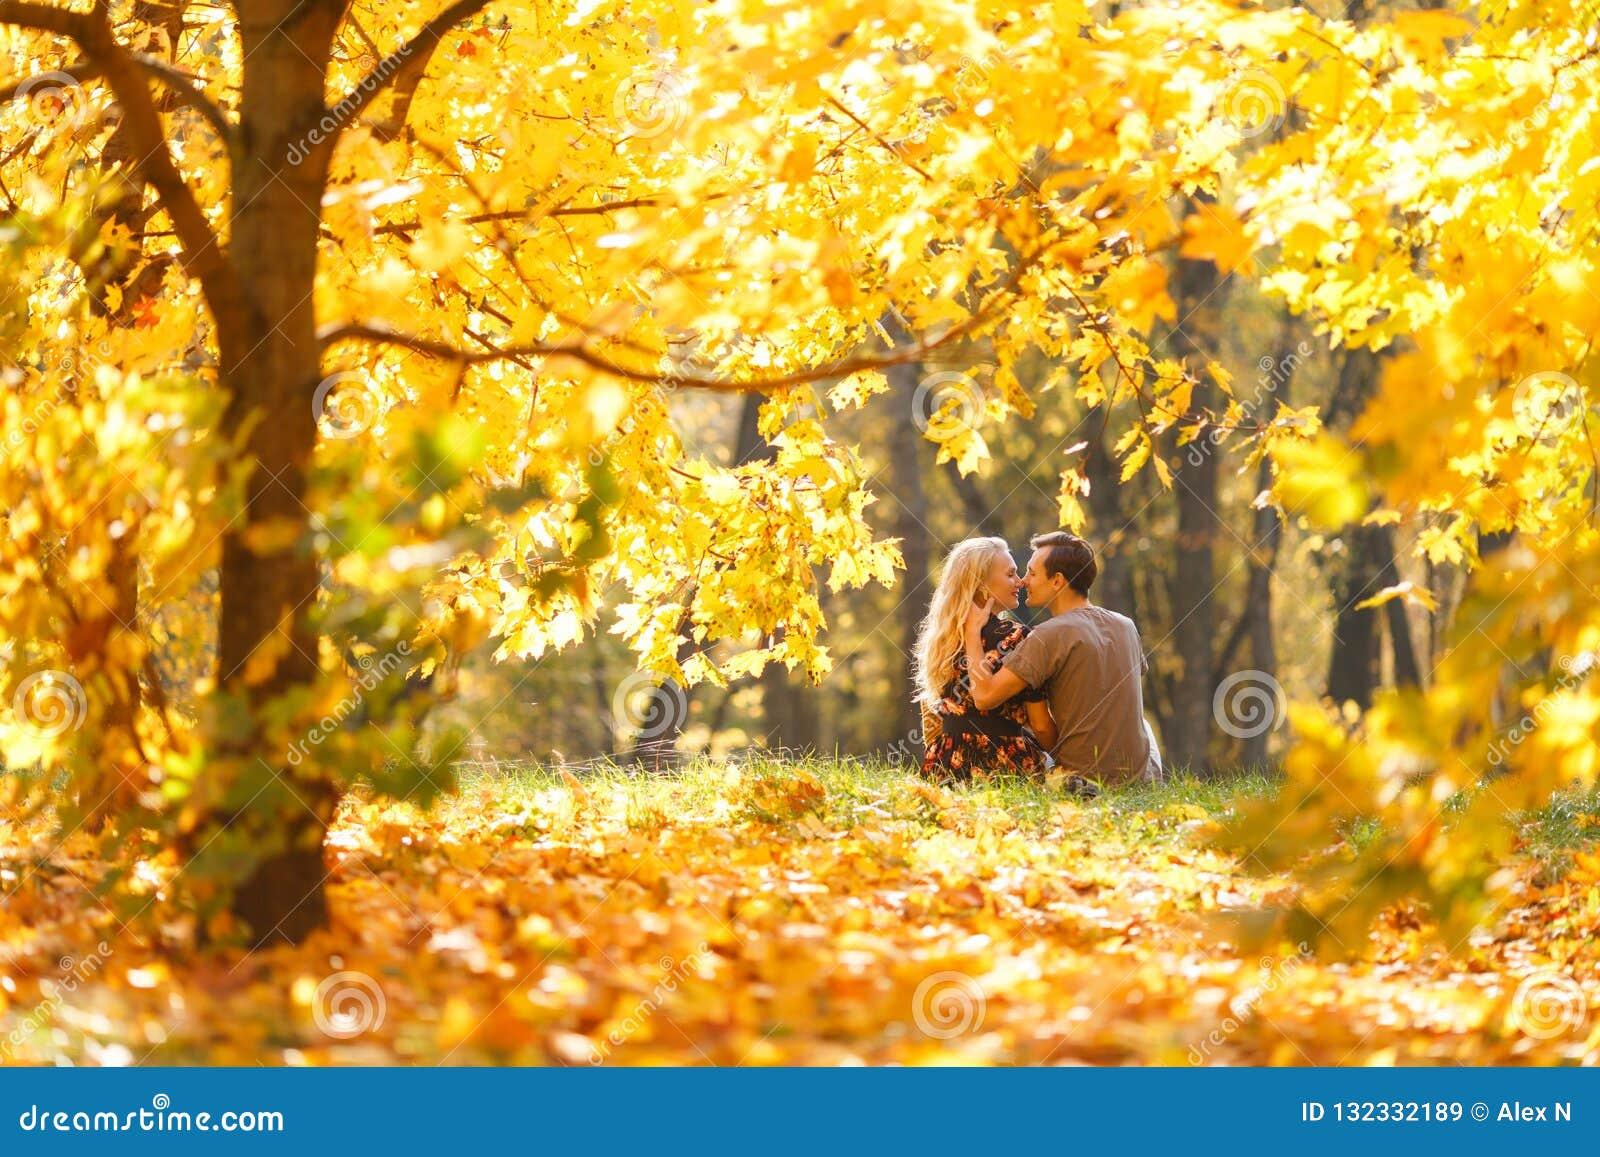 Beeld van rug van jong paar in liefde in hout